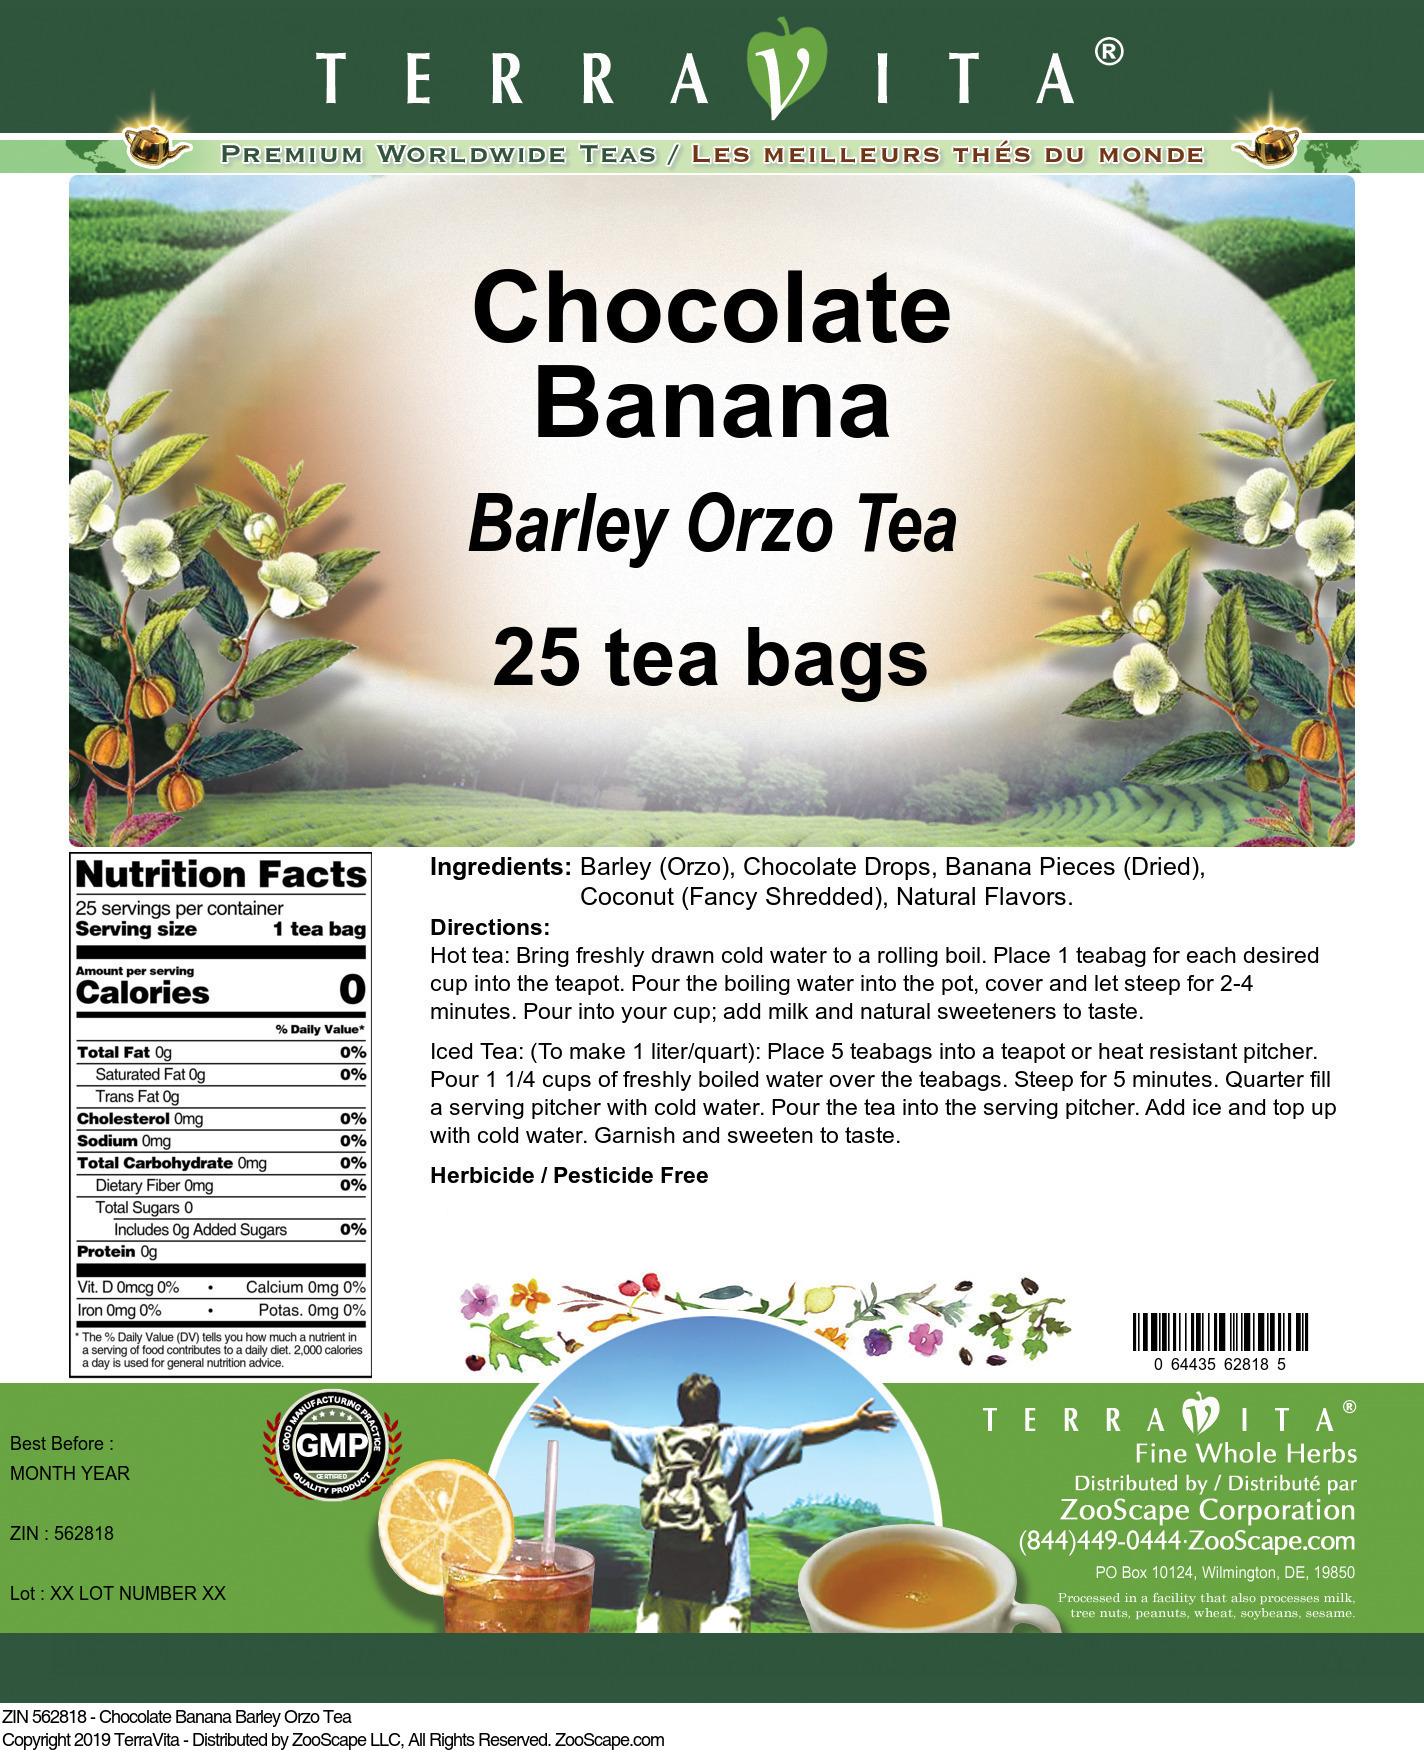 Chocolate Banana Barley Orzo Tea